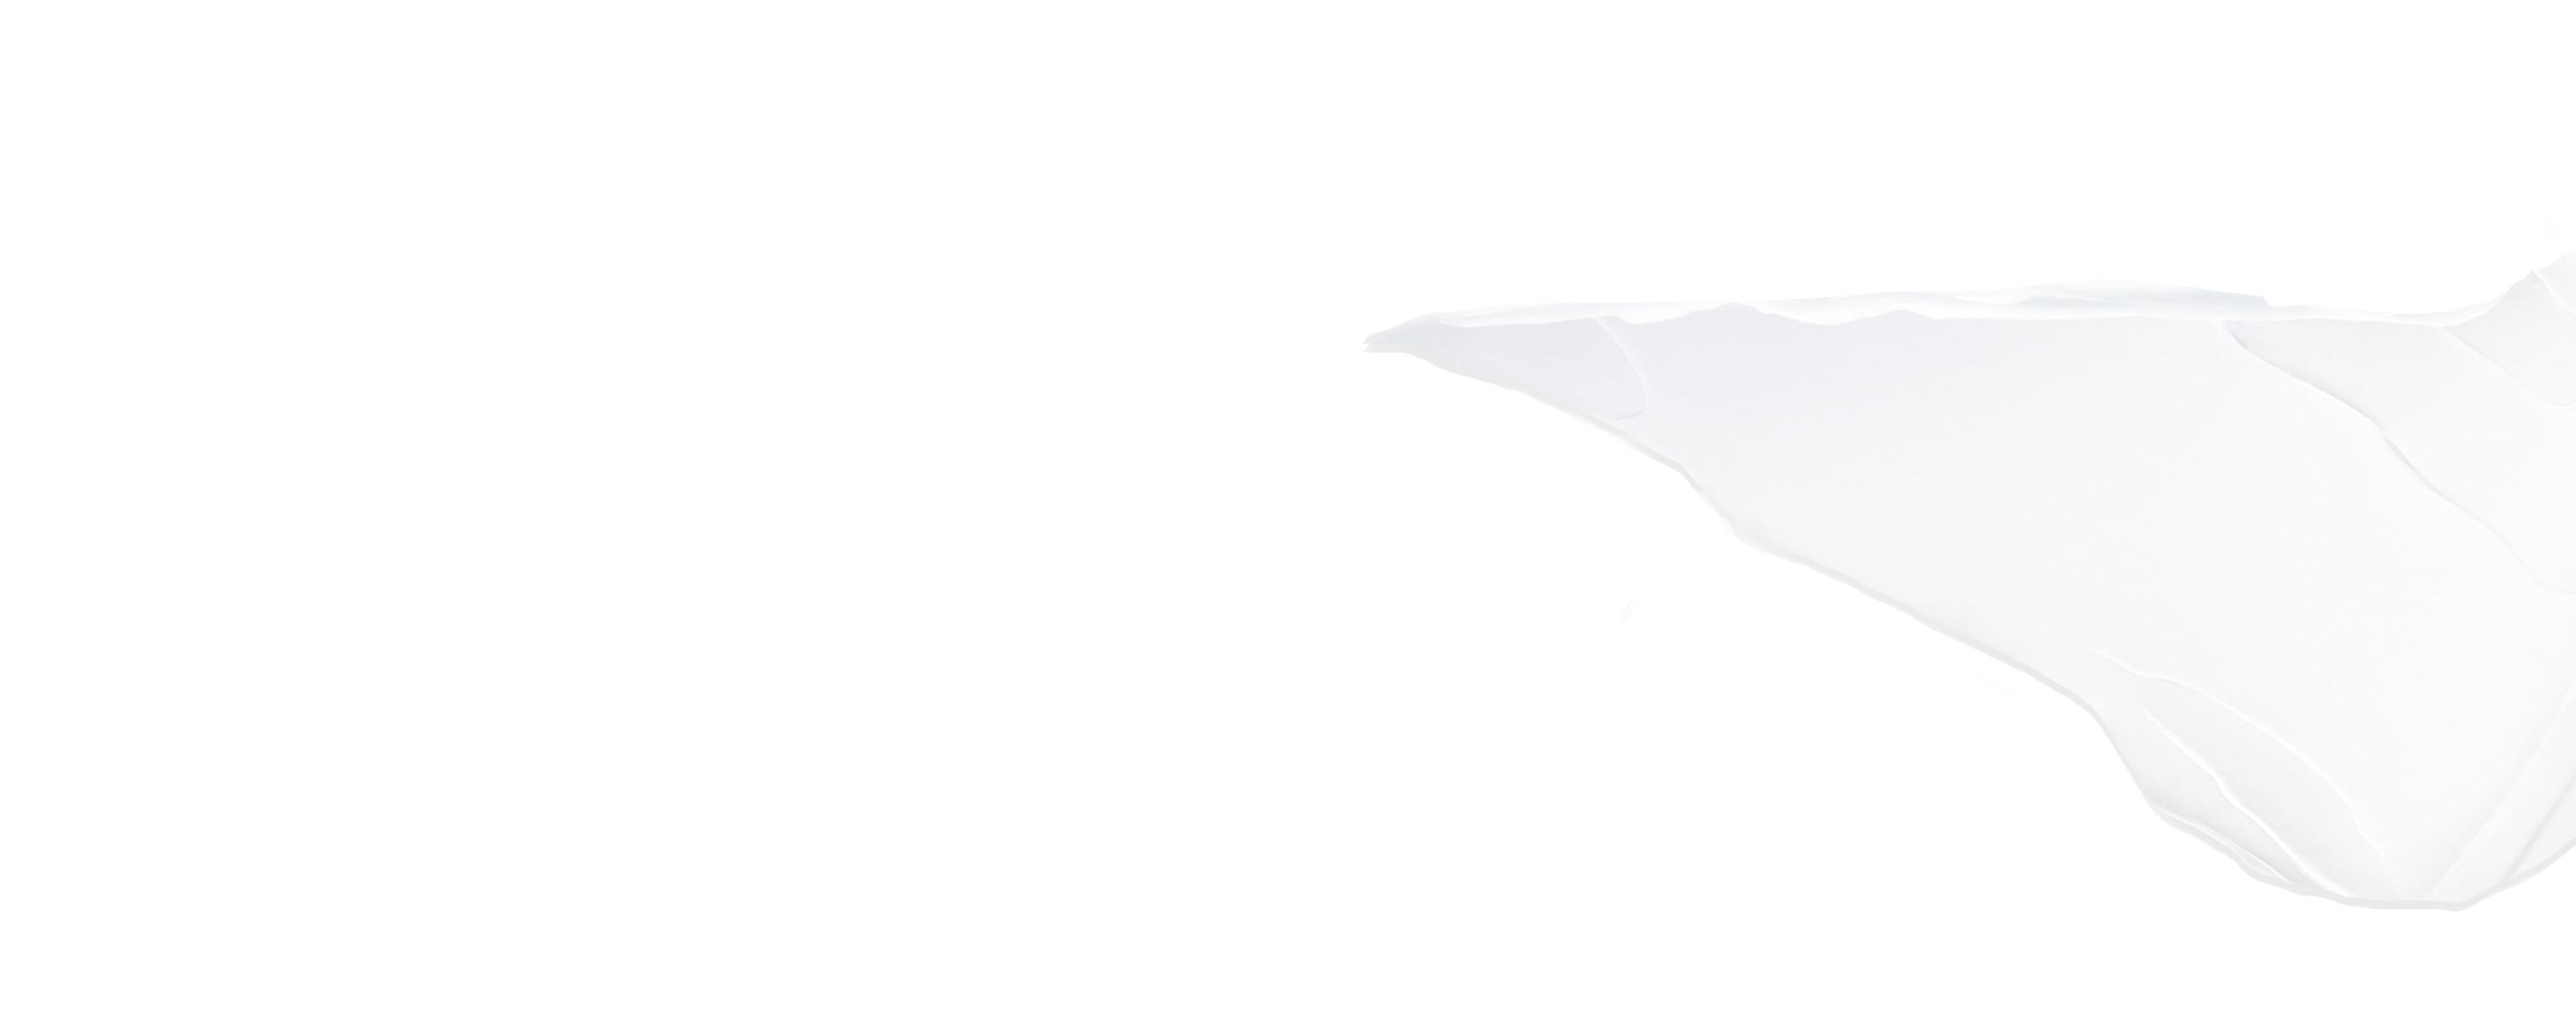 Texture tenseur fermeté - LPG endermologie